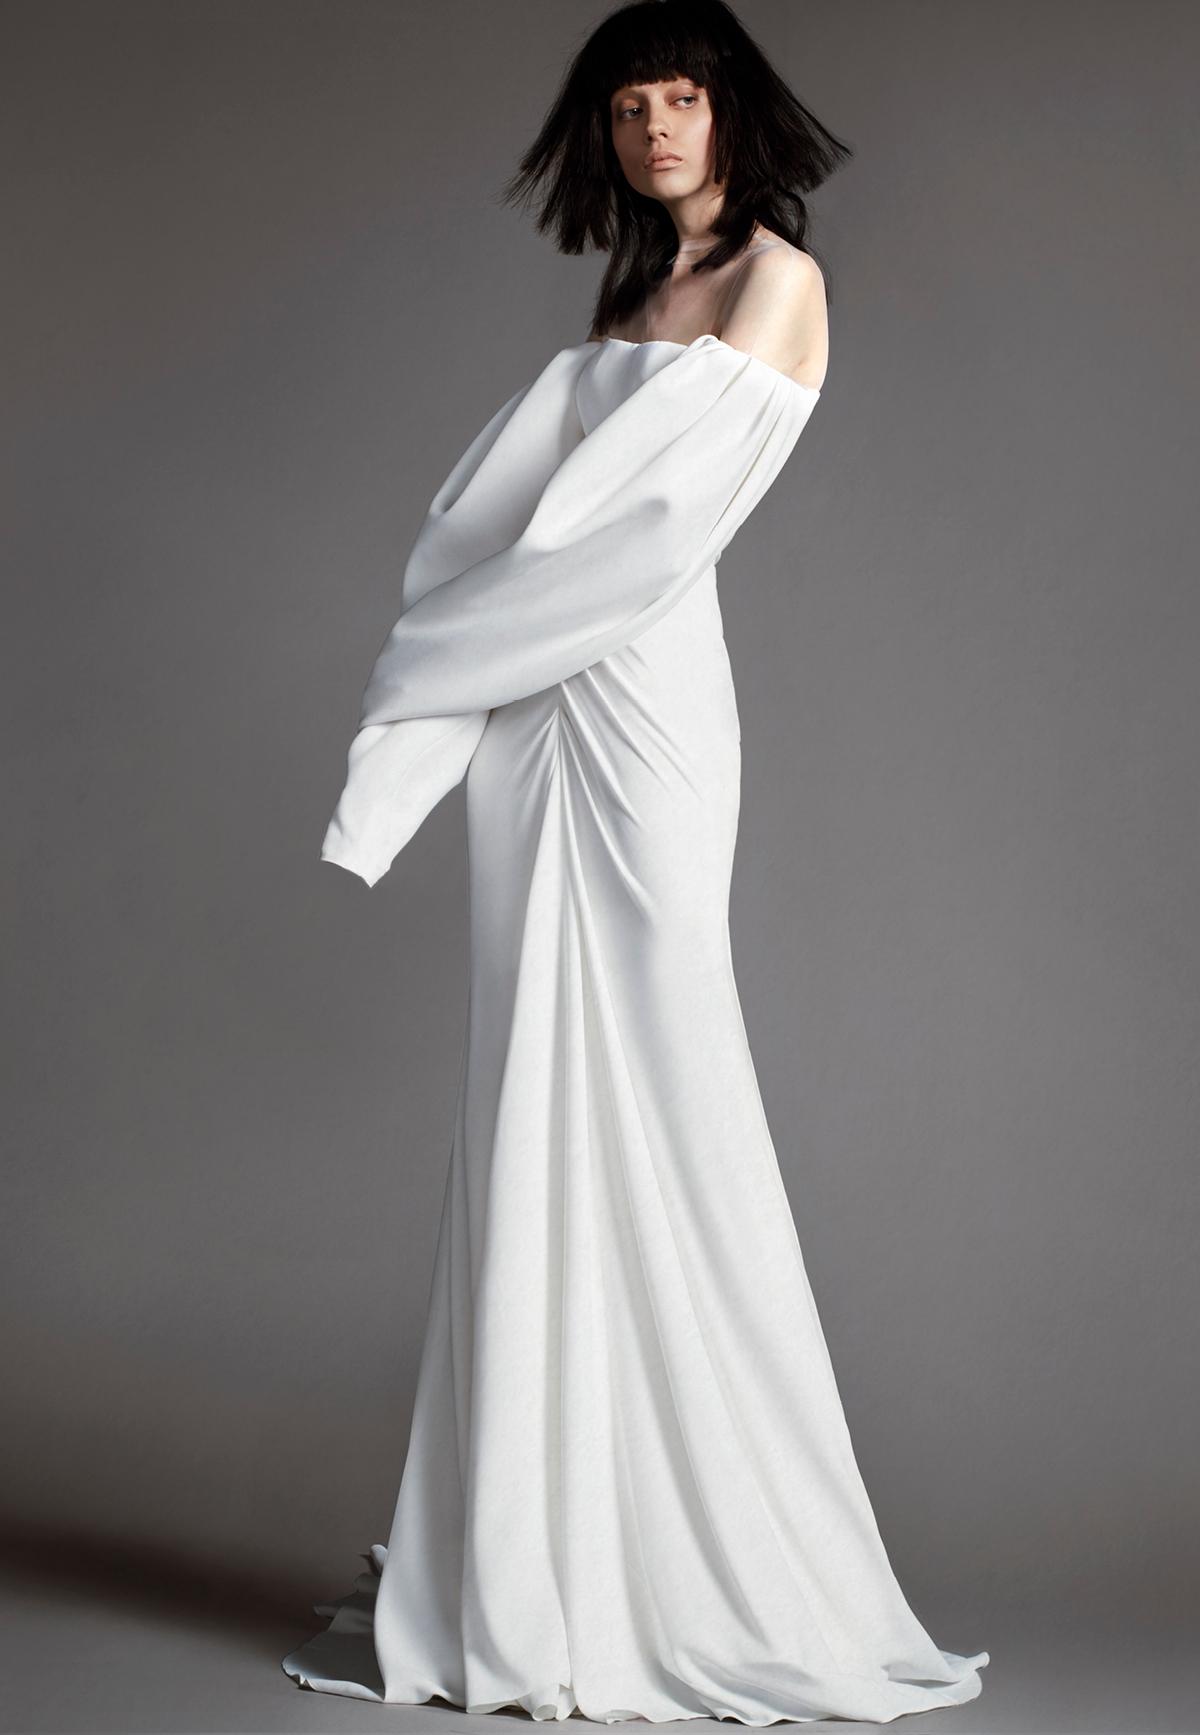 Vestiti da sposa 2018 a sirena, foto